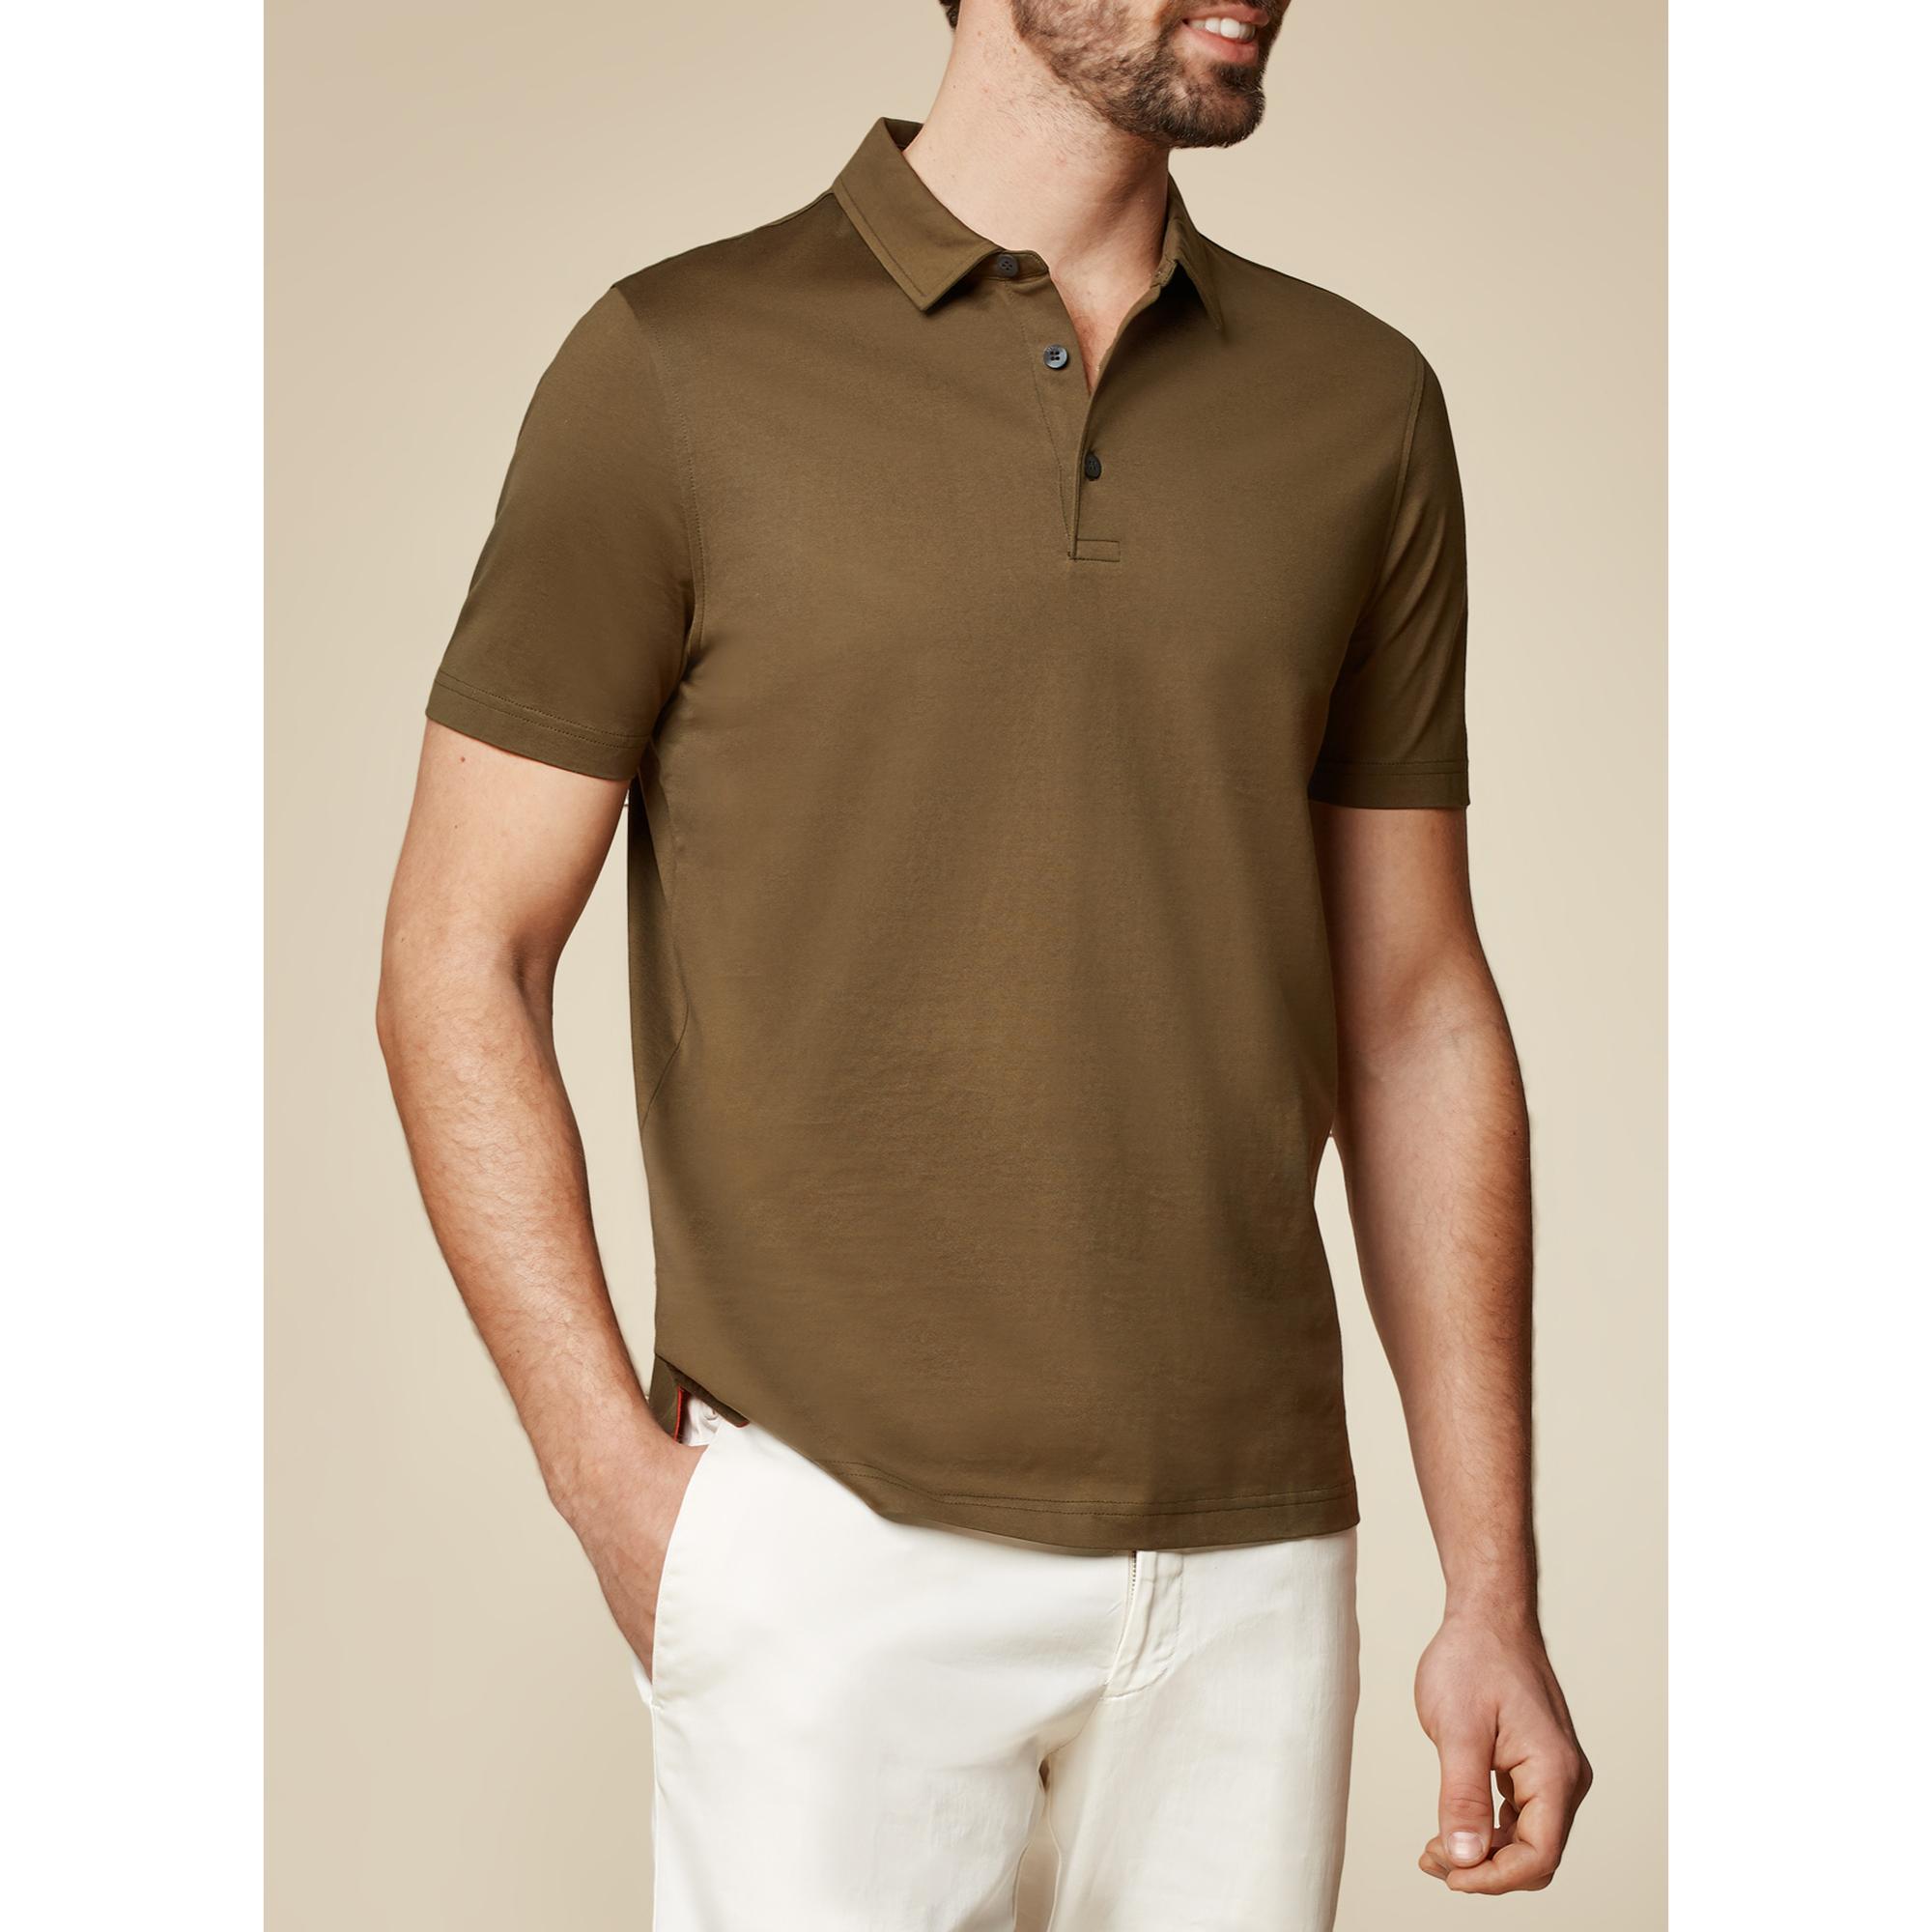 maerz - Herren Shirt Polohemd, Knopf